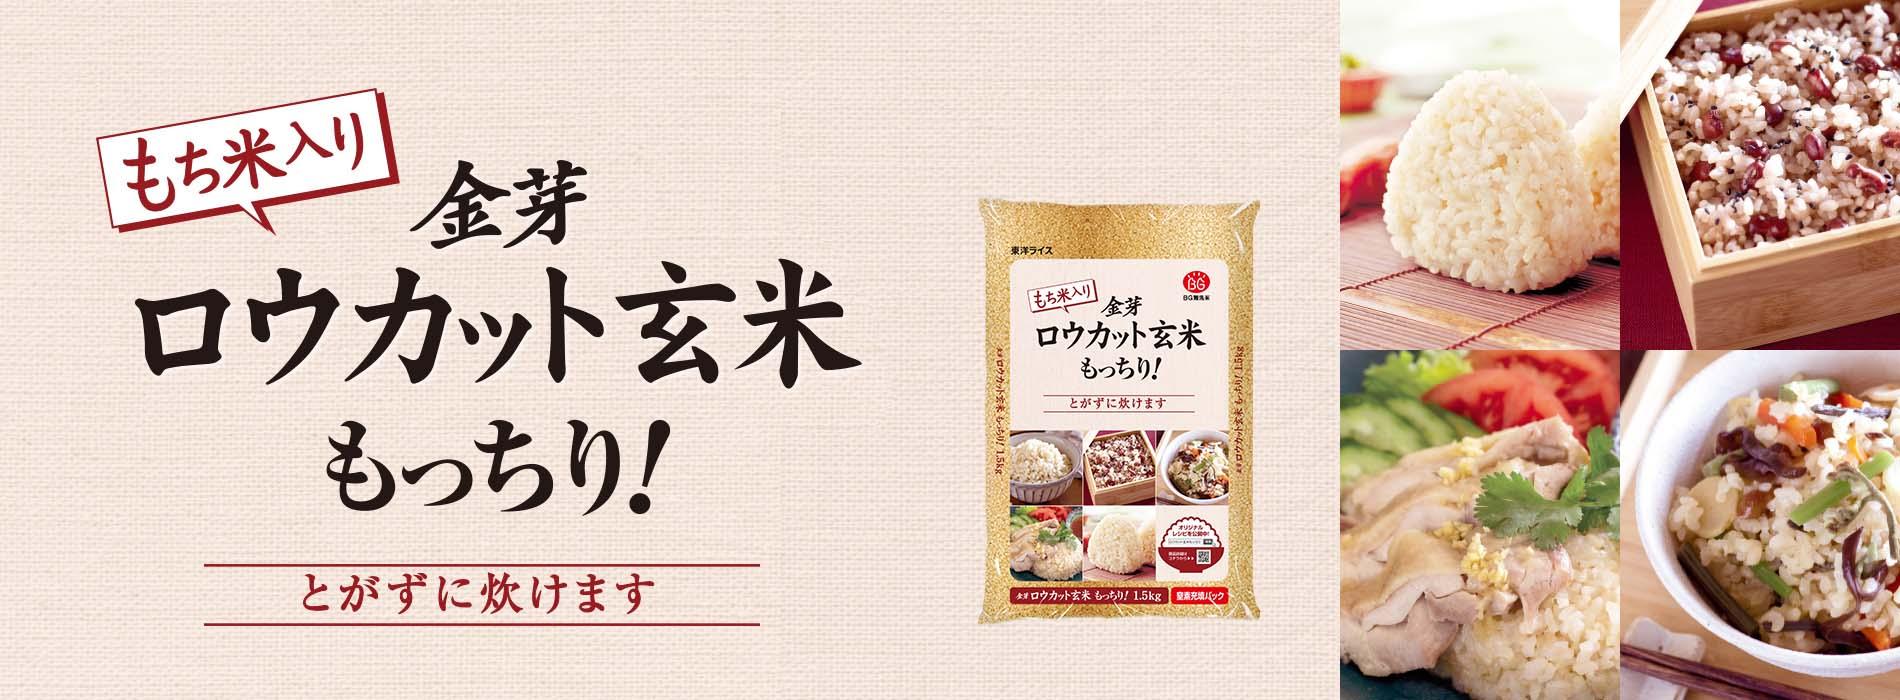 ロウカット玄米もっちり